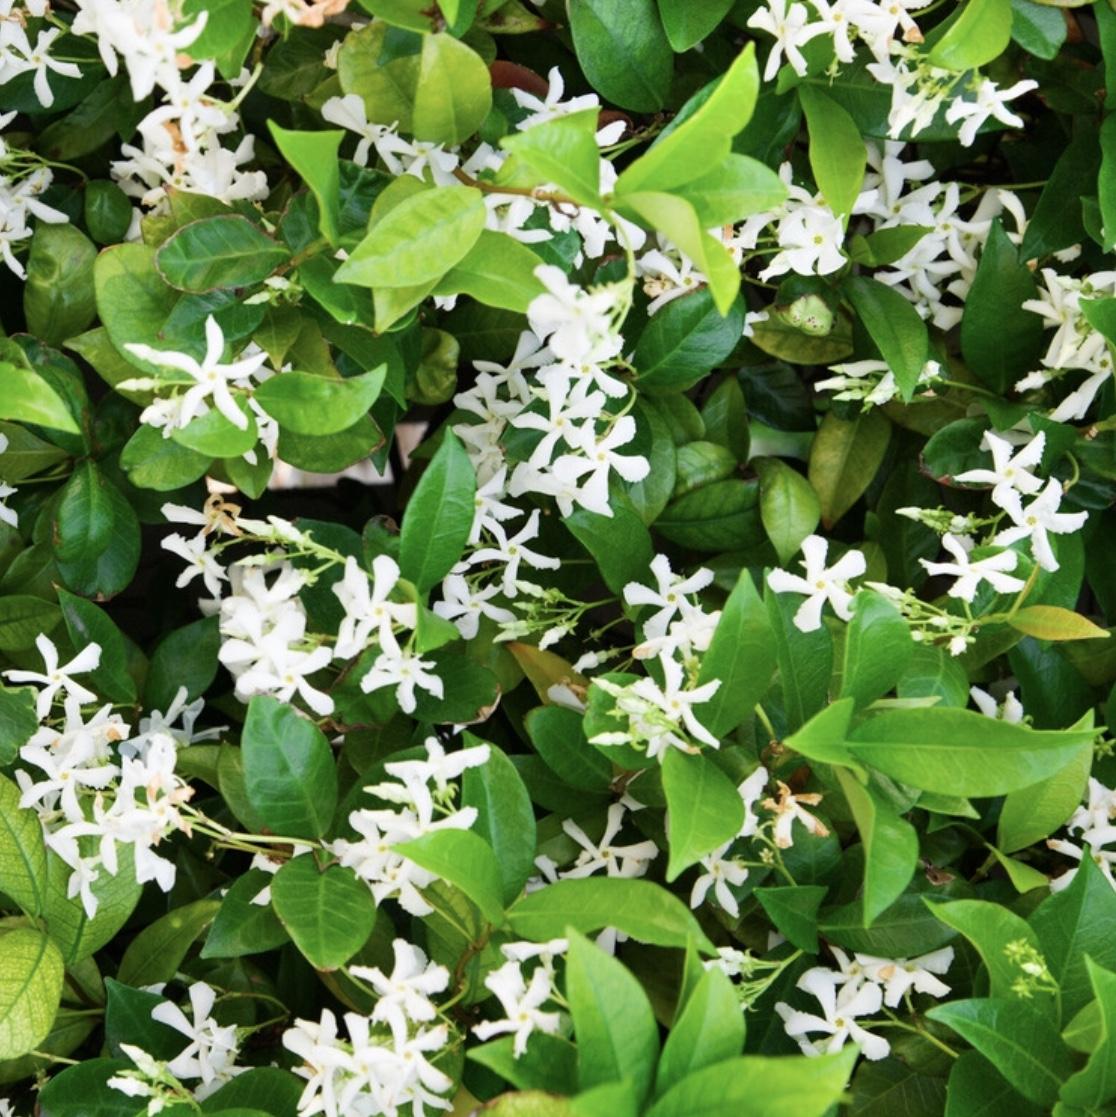 jasmine, confederate star jasmine, bouquet, flower garden, nature